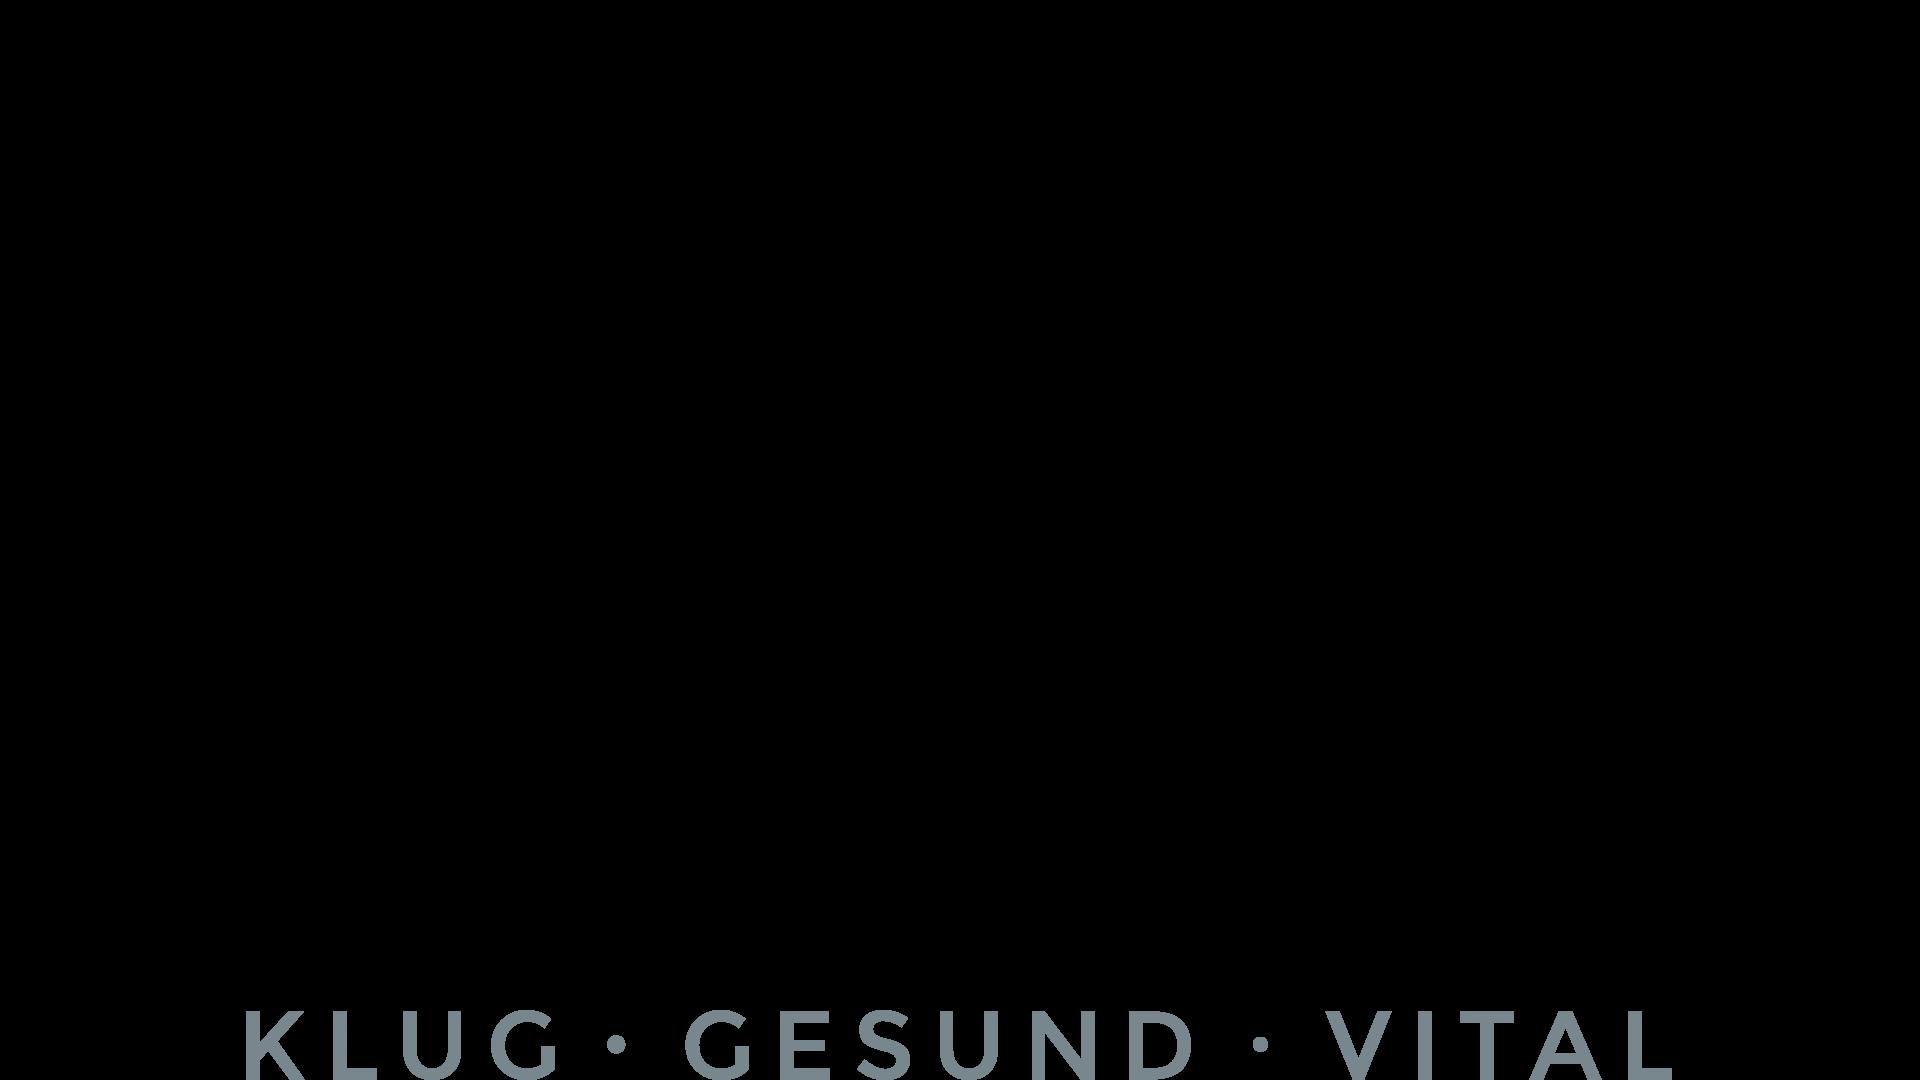 mediquant Klug Gesund Vital